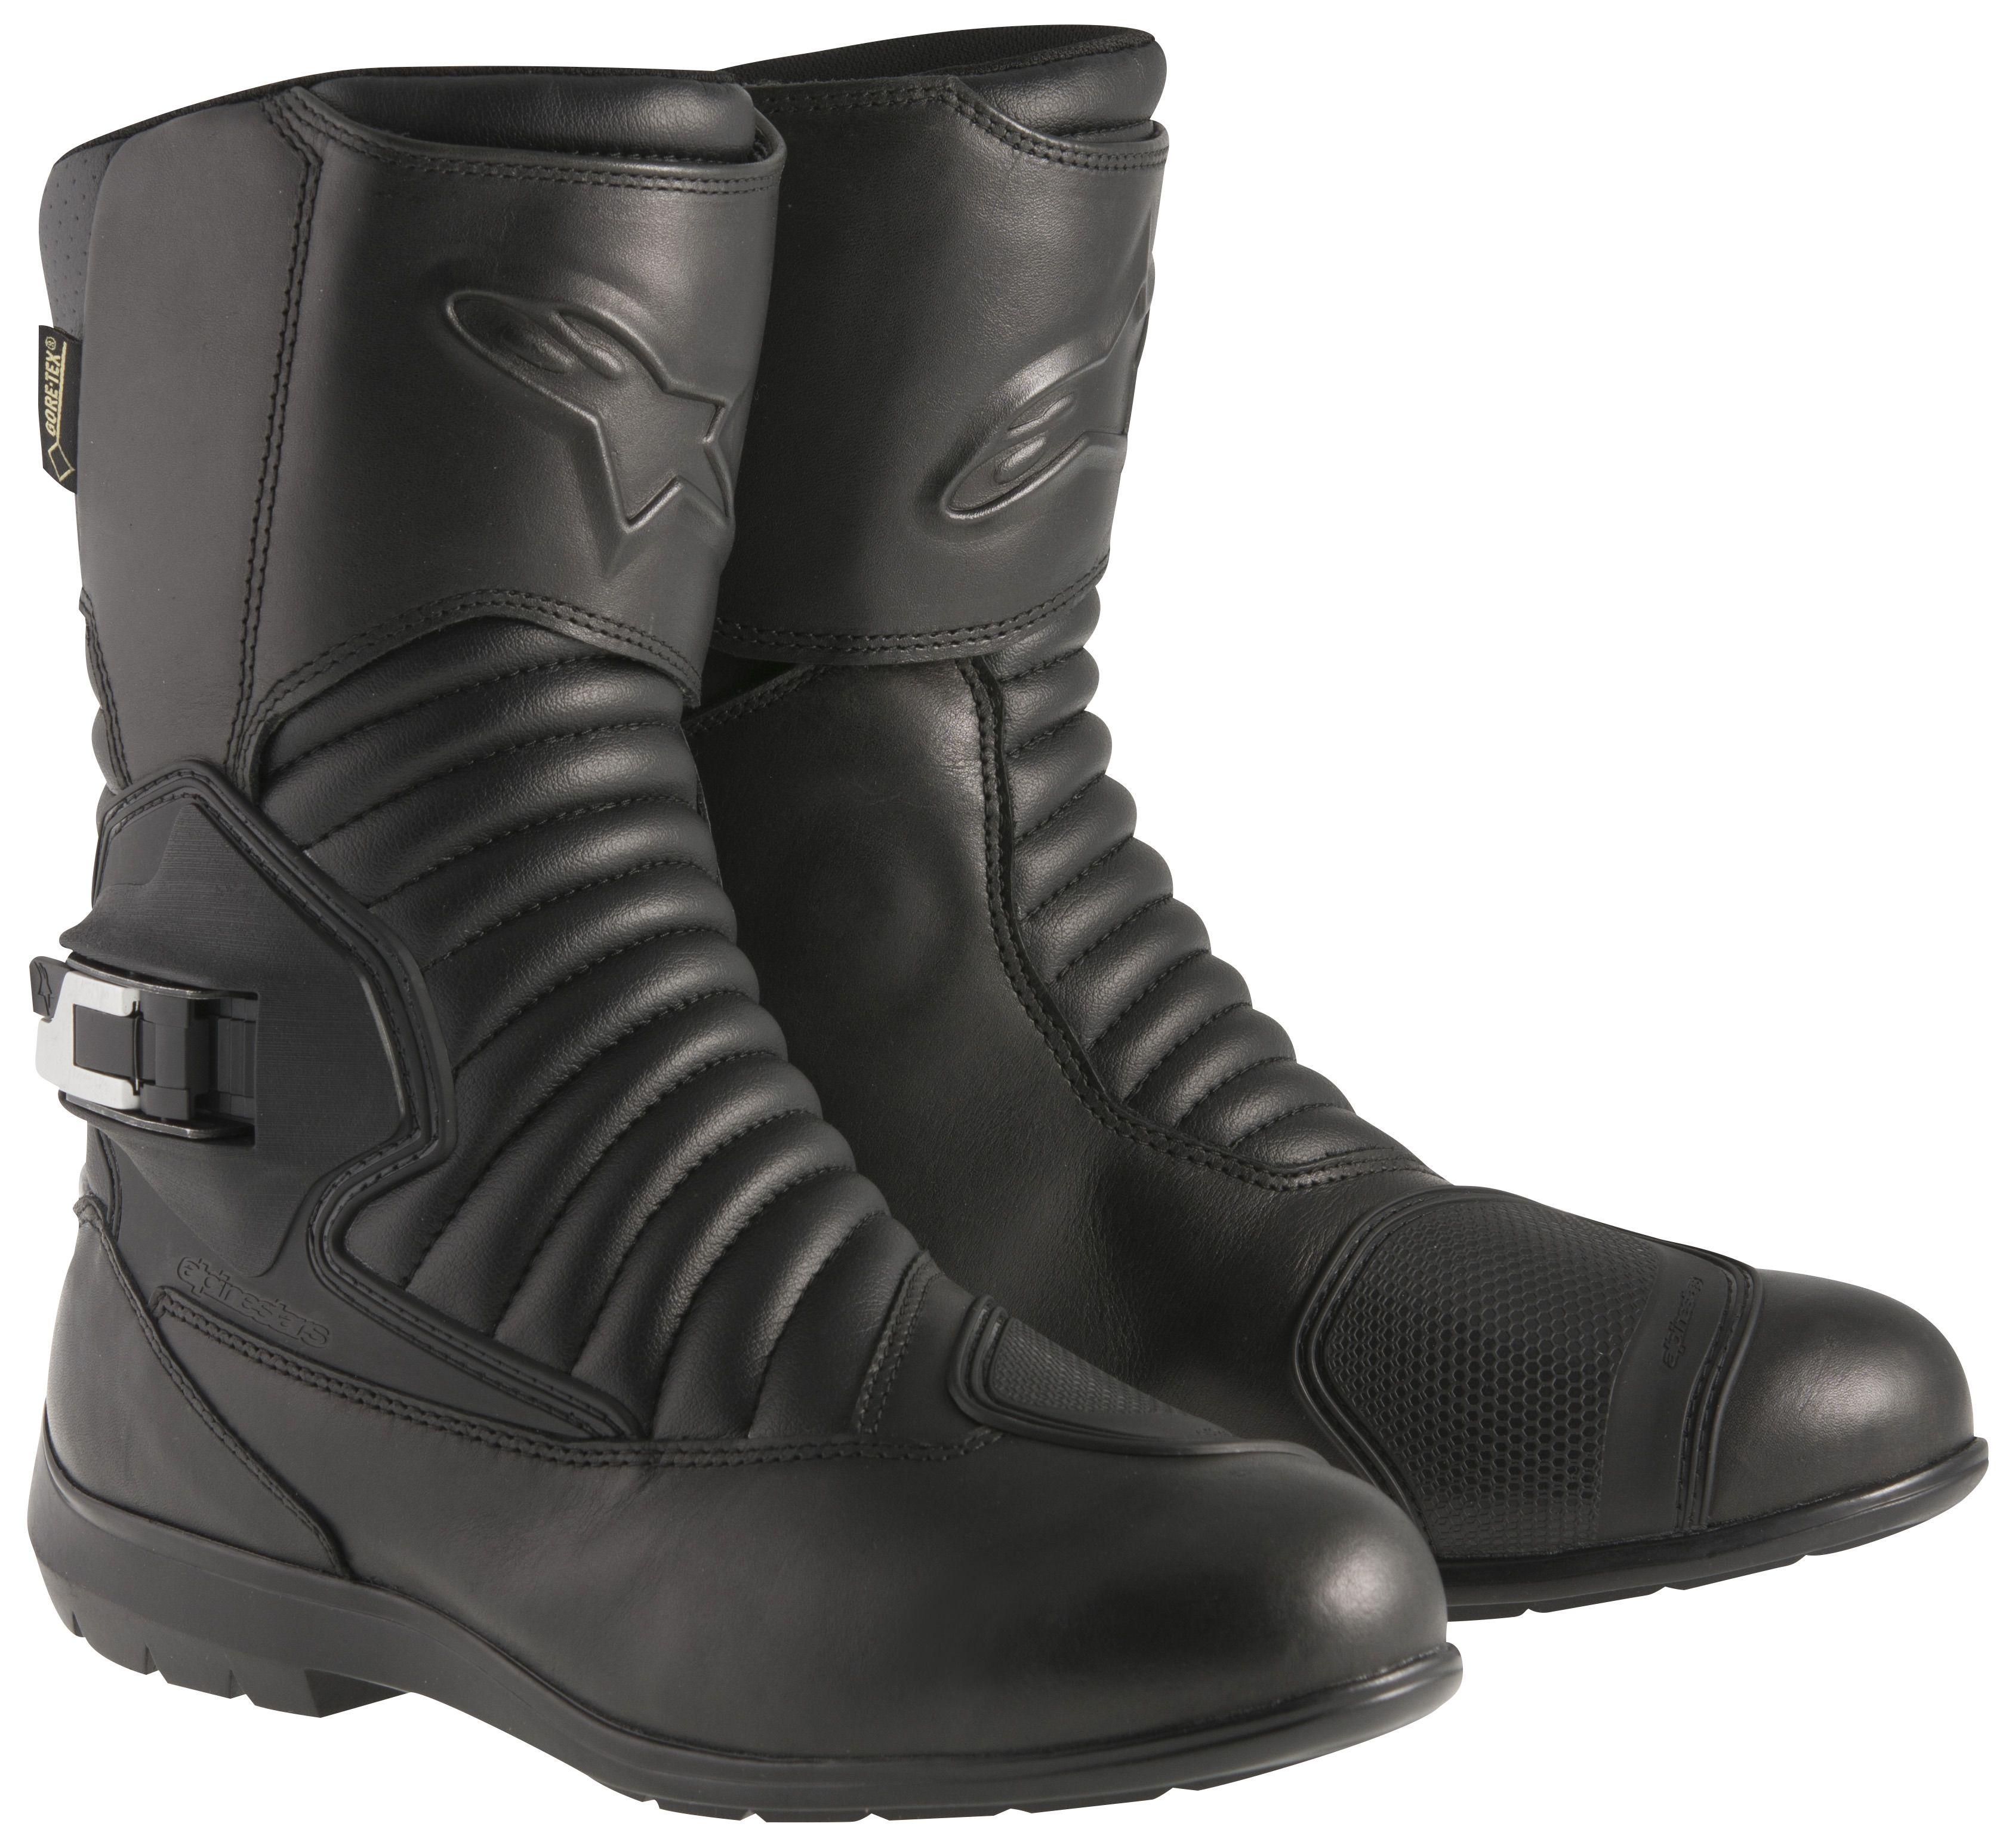 Alpinestars Mono Fuse Gore Tex Boots Revzilla